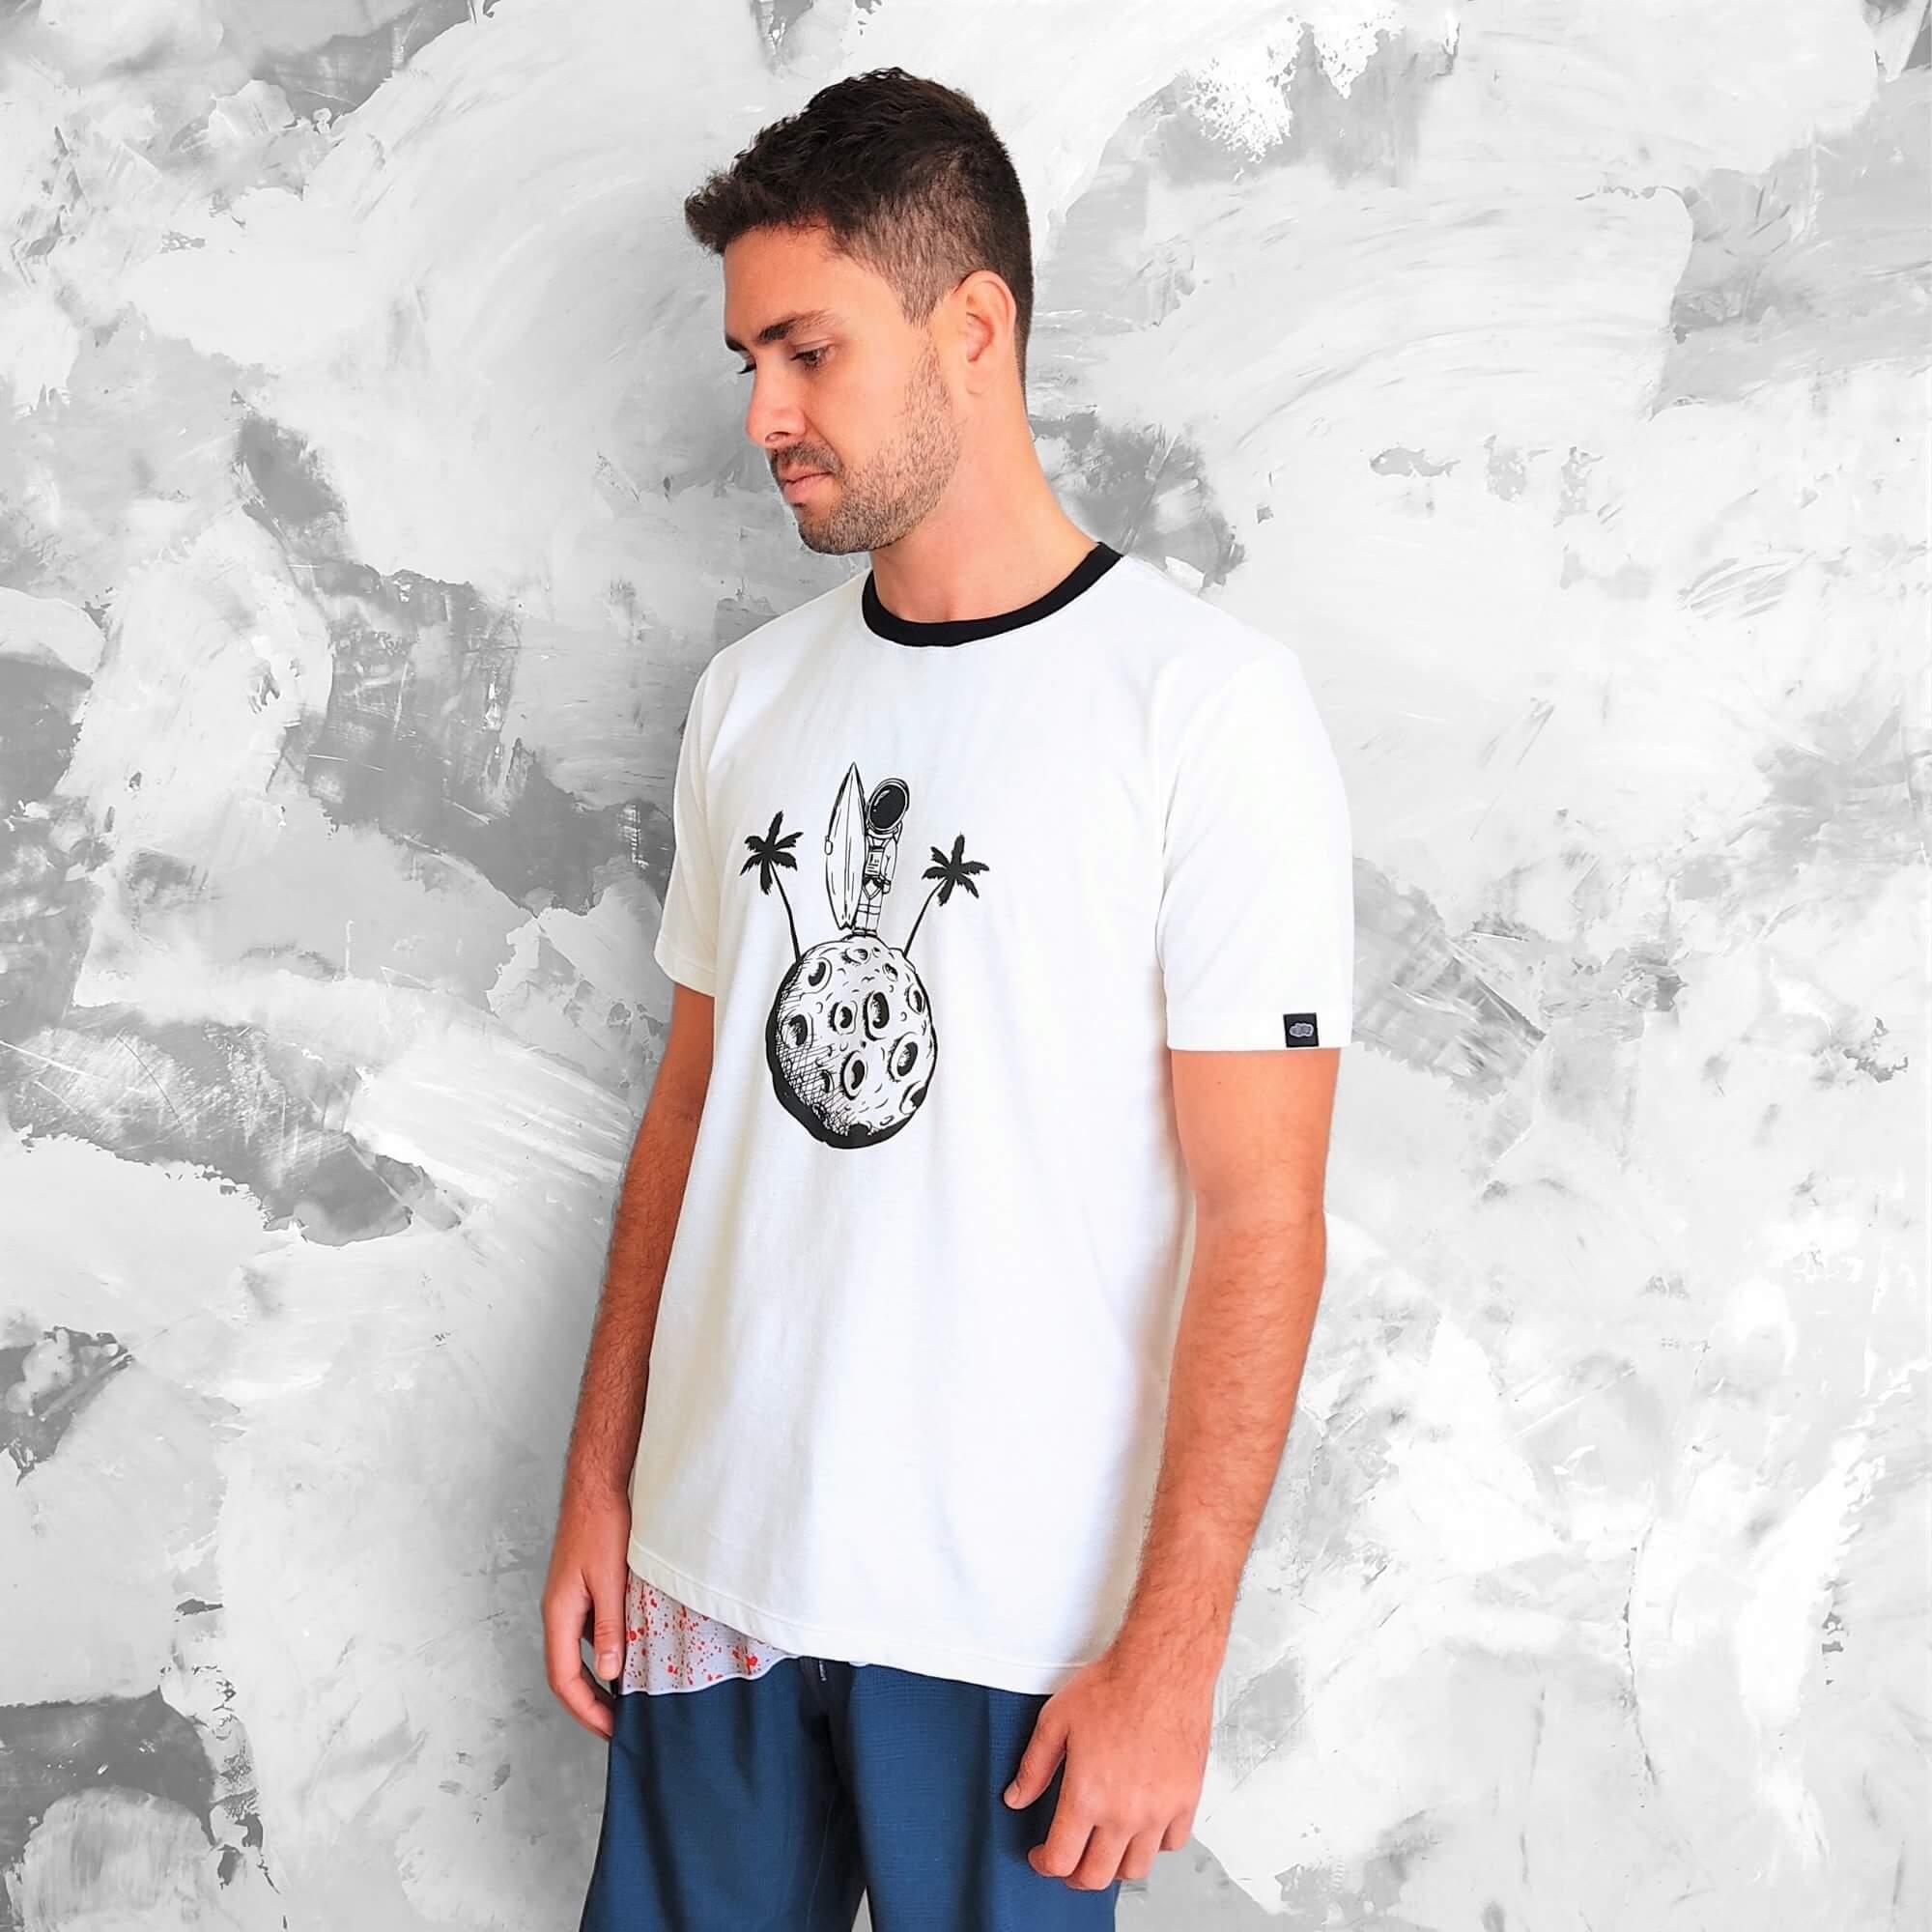 Kit 4 Dia dos Pais 2 Camisetas adulto + 3 Azulejos Personalizados